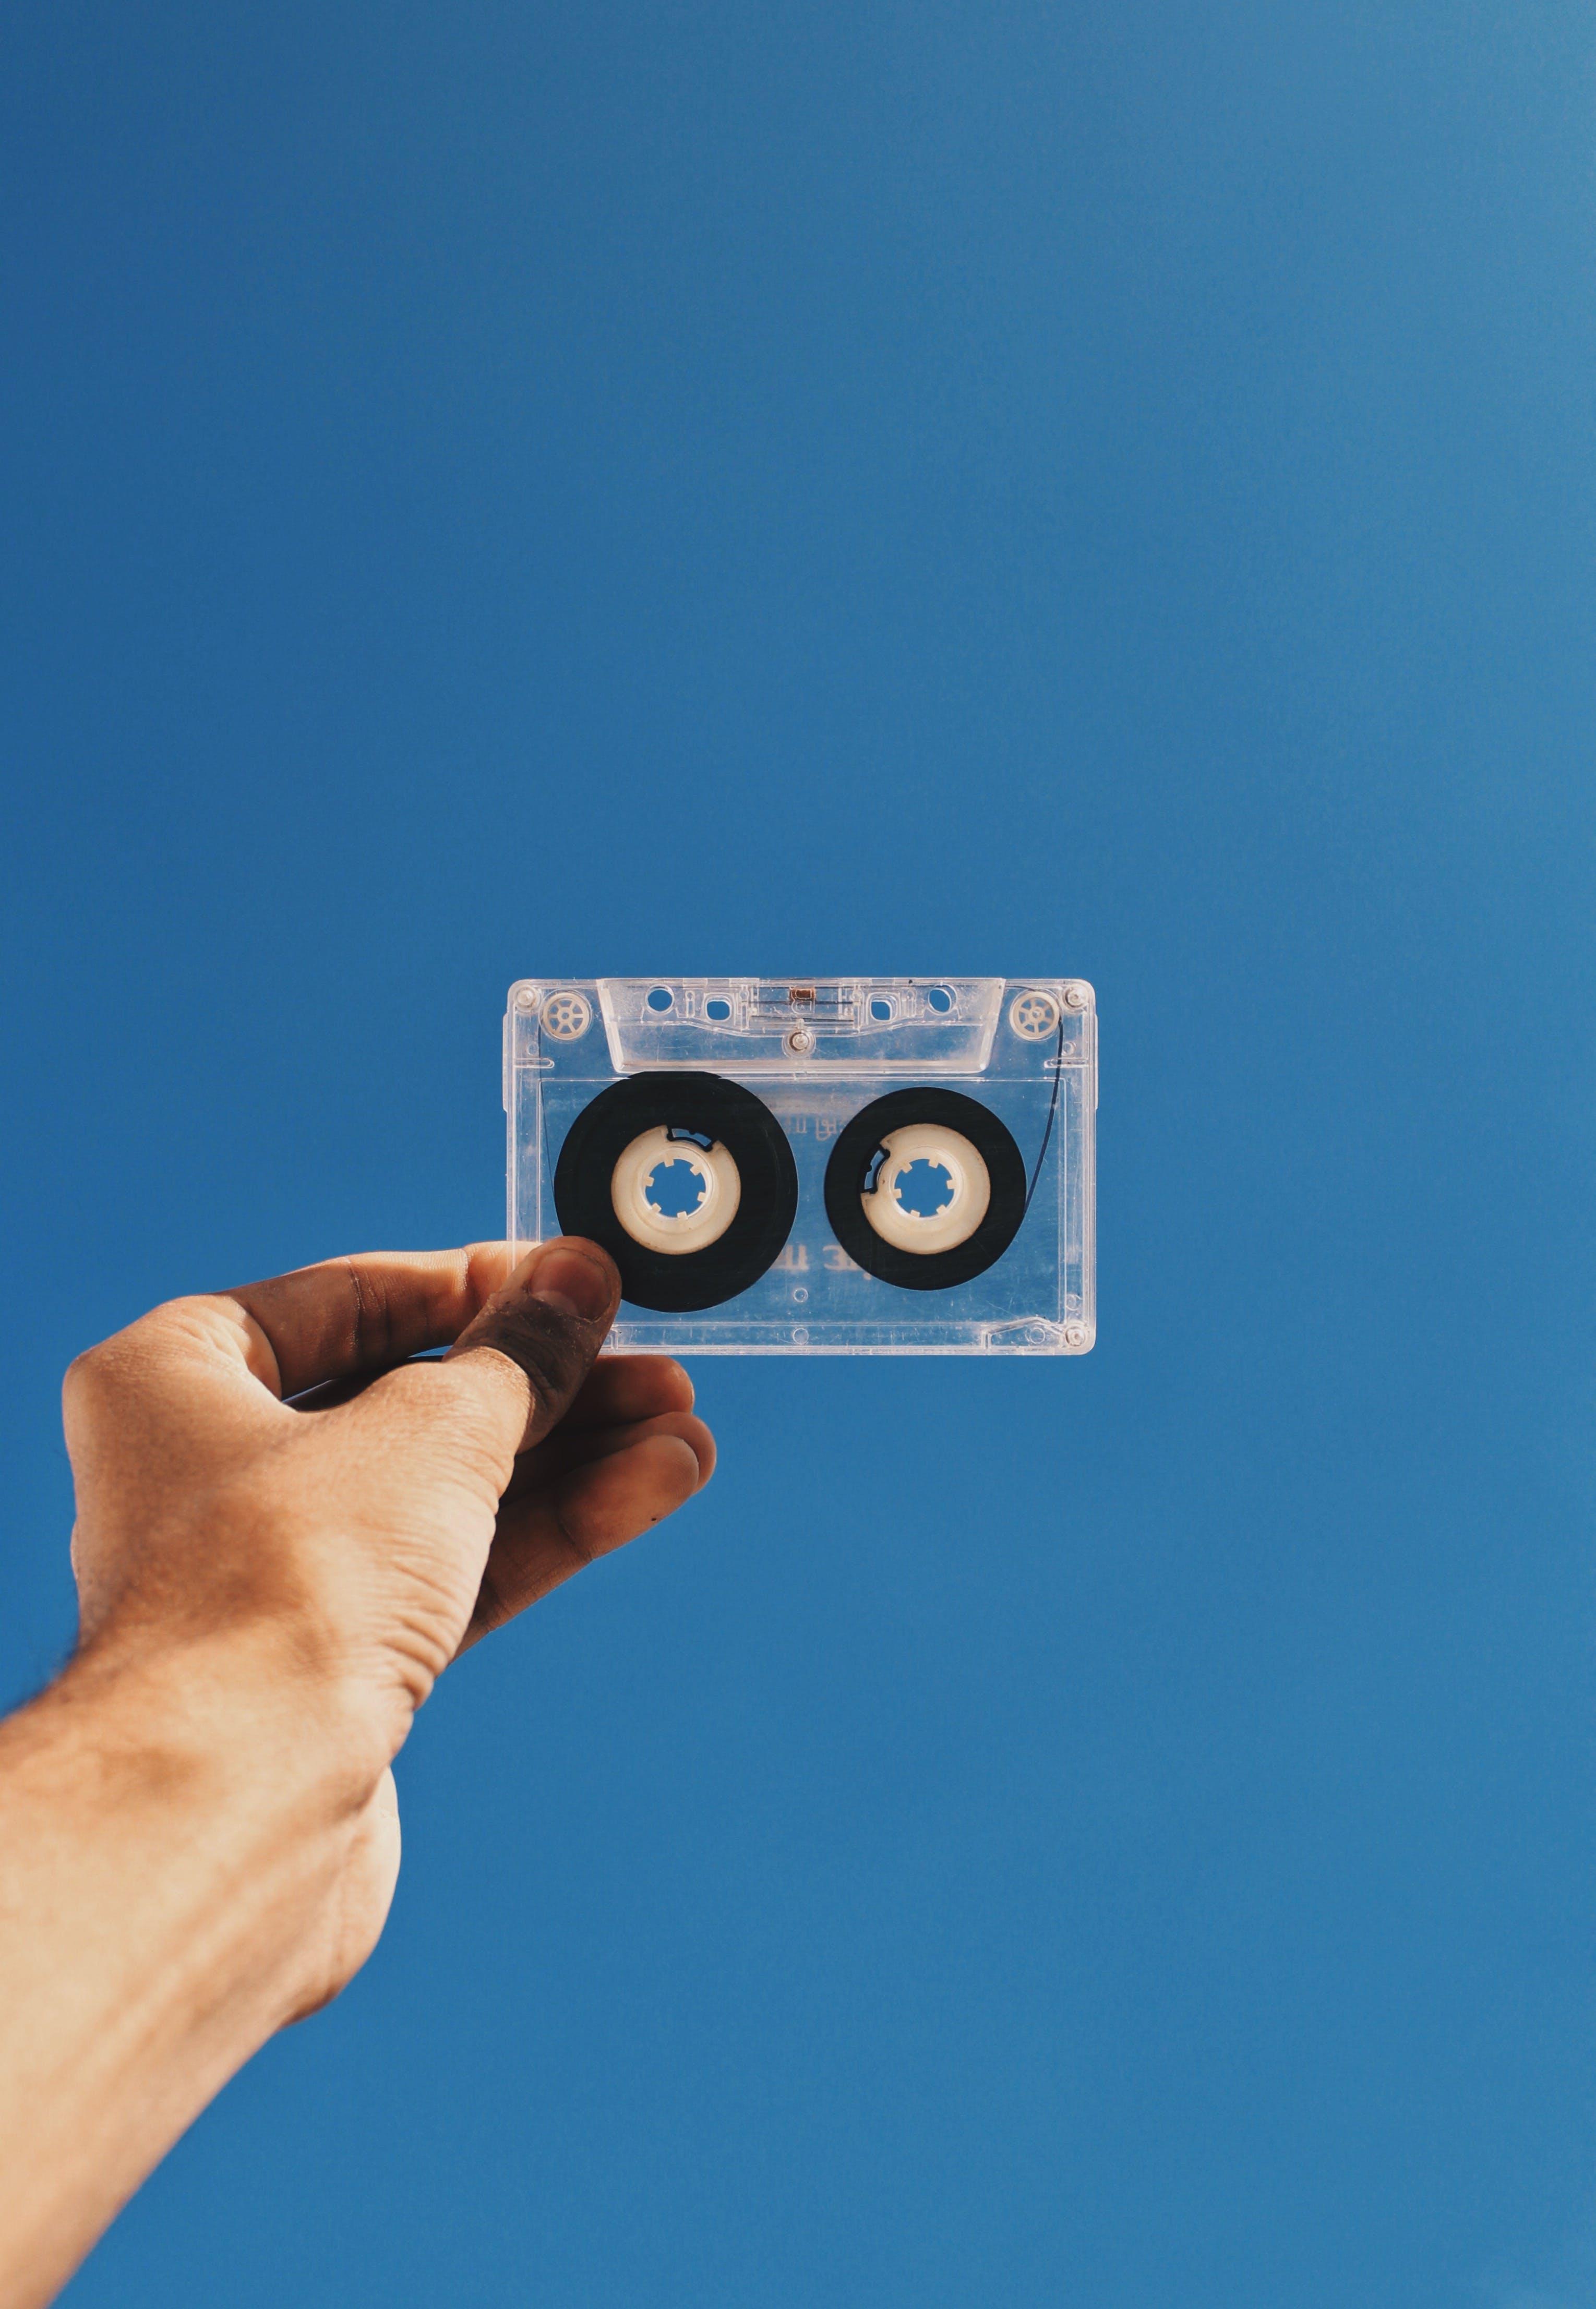 卡帶, 唱片, 手, 技術 的 免費圖庫相片